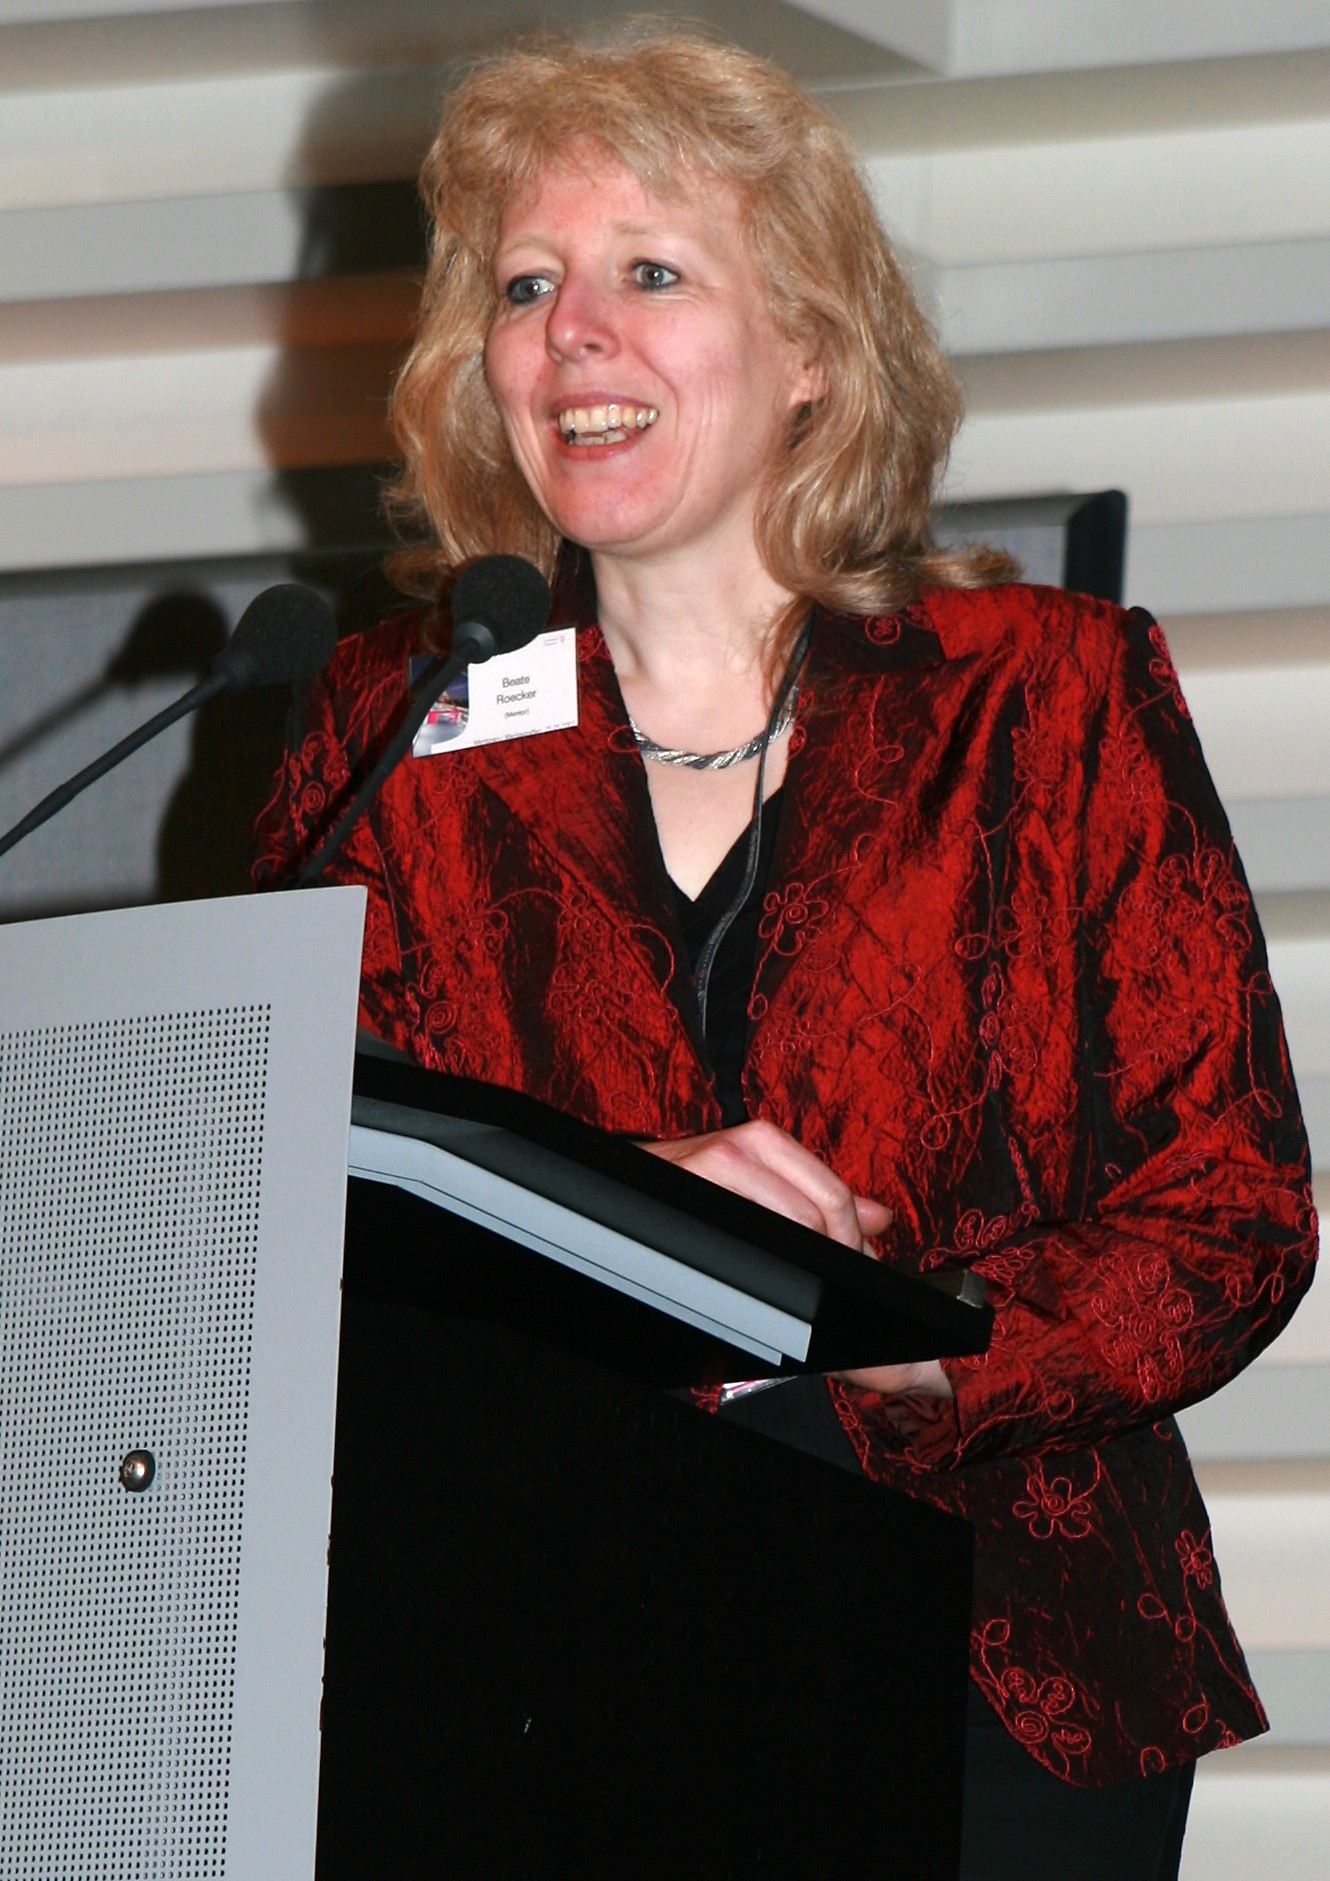 Seminare zu Mitarbeiterentwicklung und CSR durch Beate Röcker